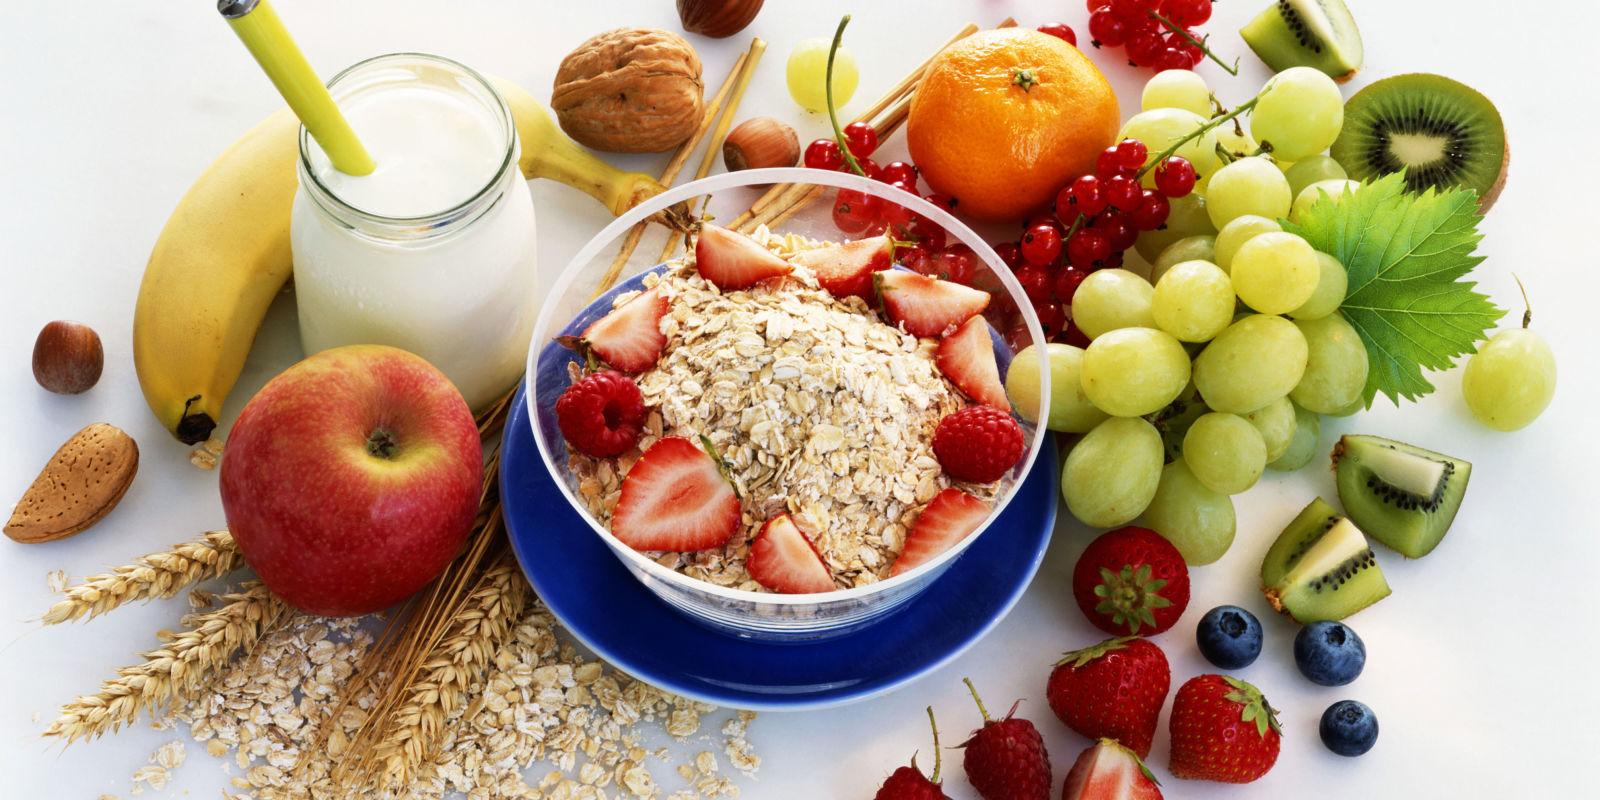 5 Mẹo giảm cân có hại cho sức khoẻ